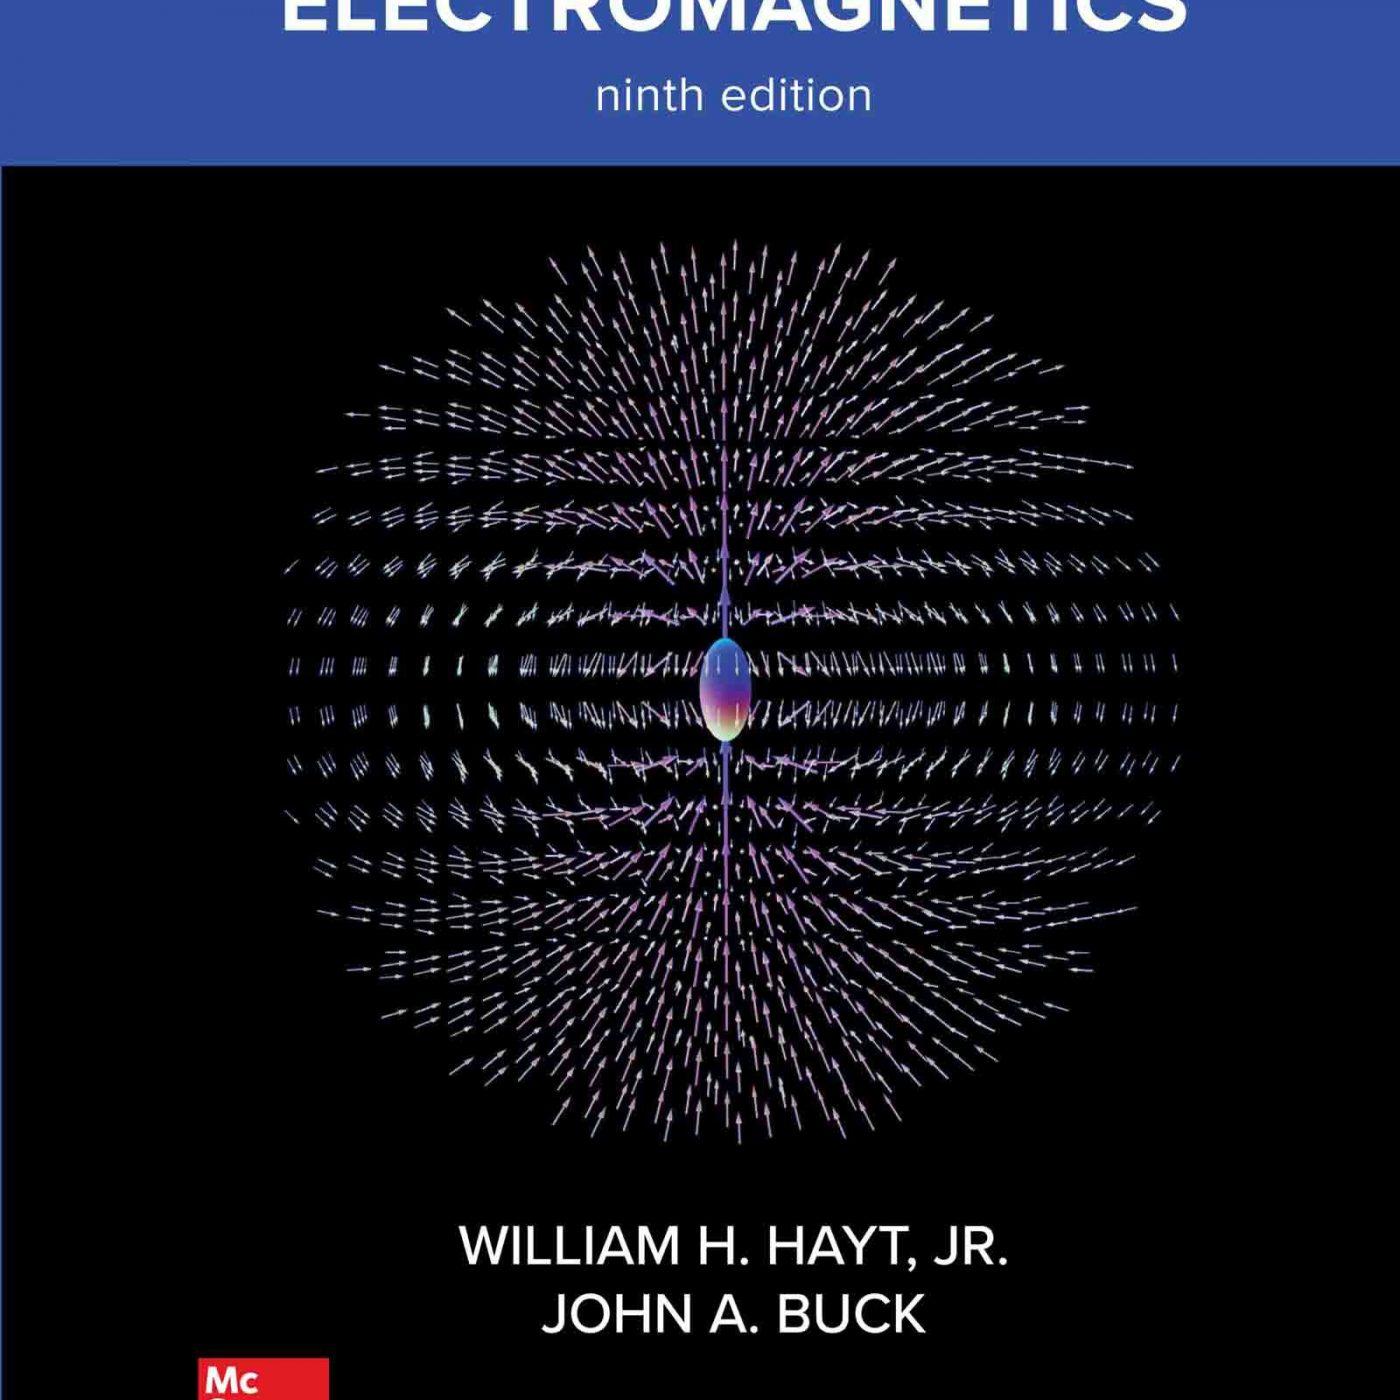 دانلود کتاب الکترومغناطیس مهندسی ویلیام هیت ویرایش 9